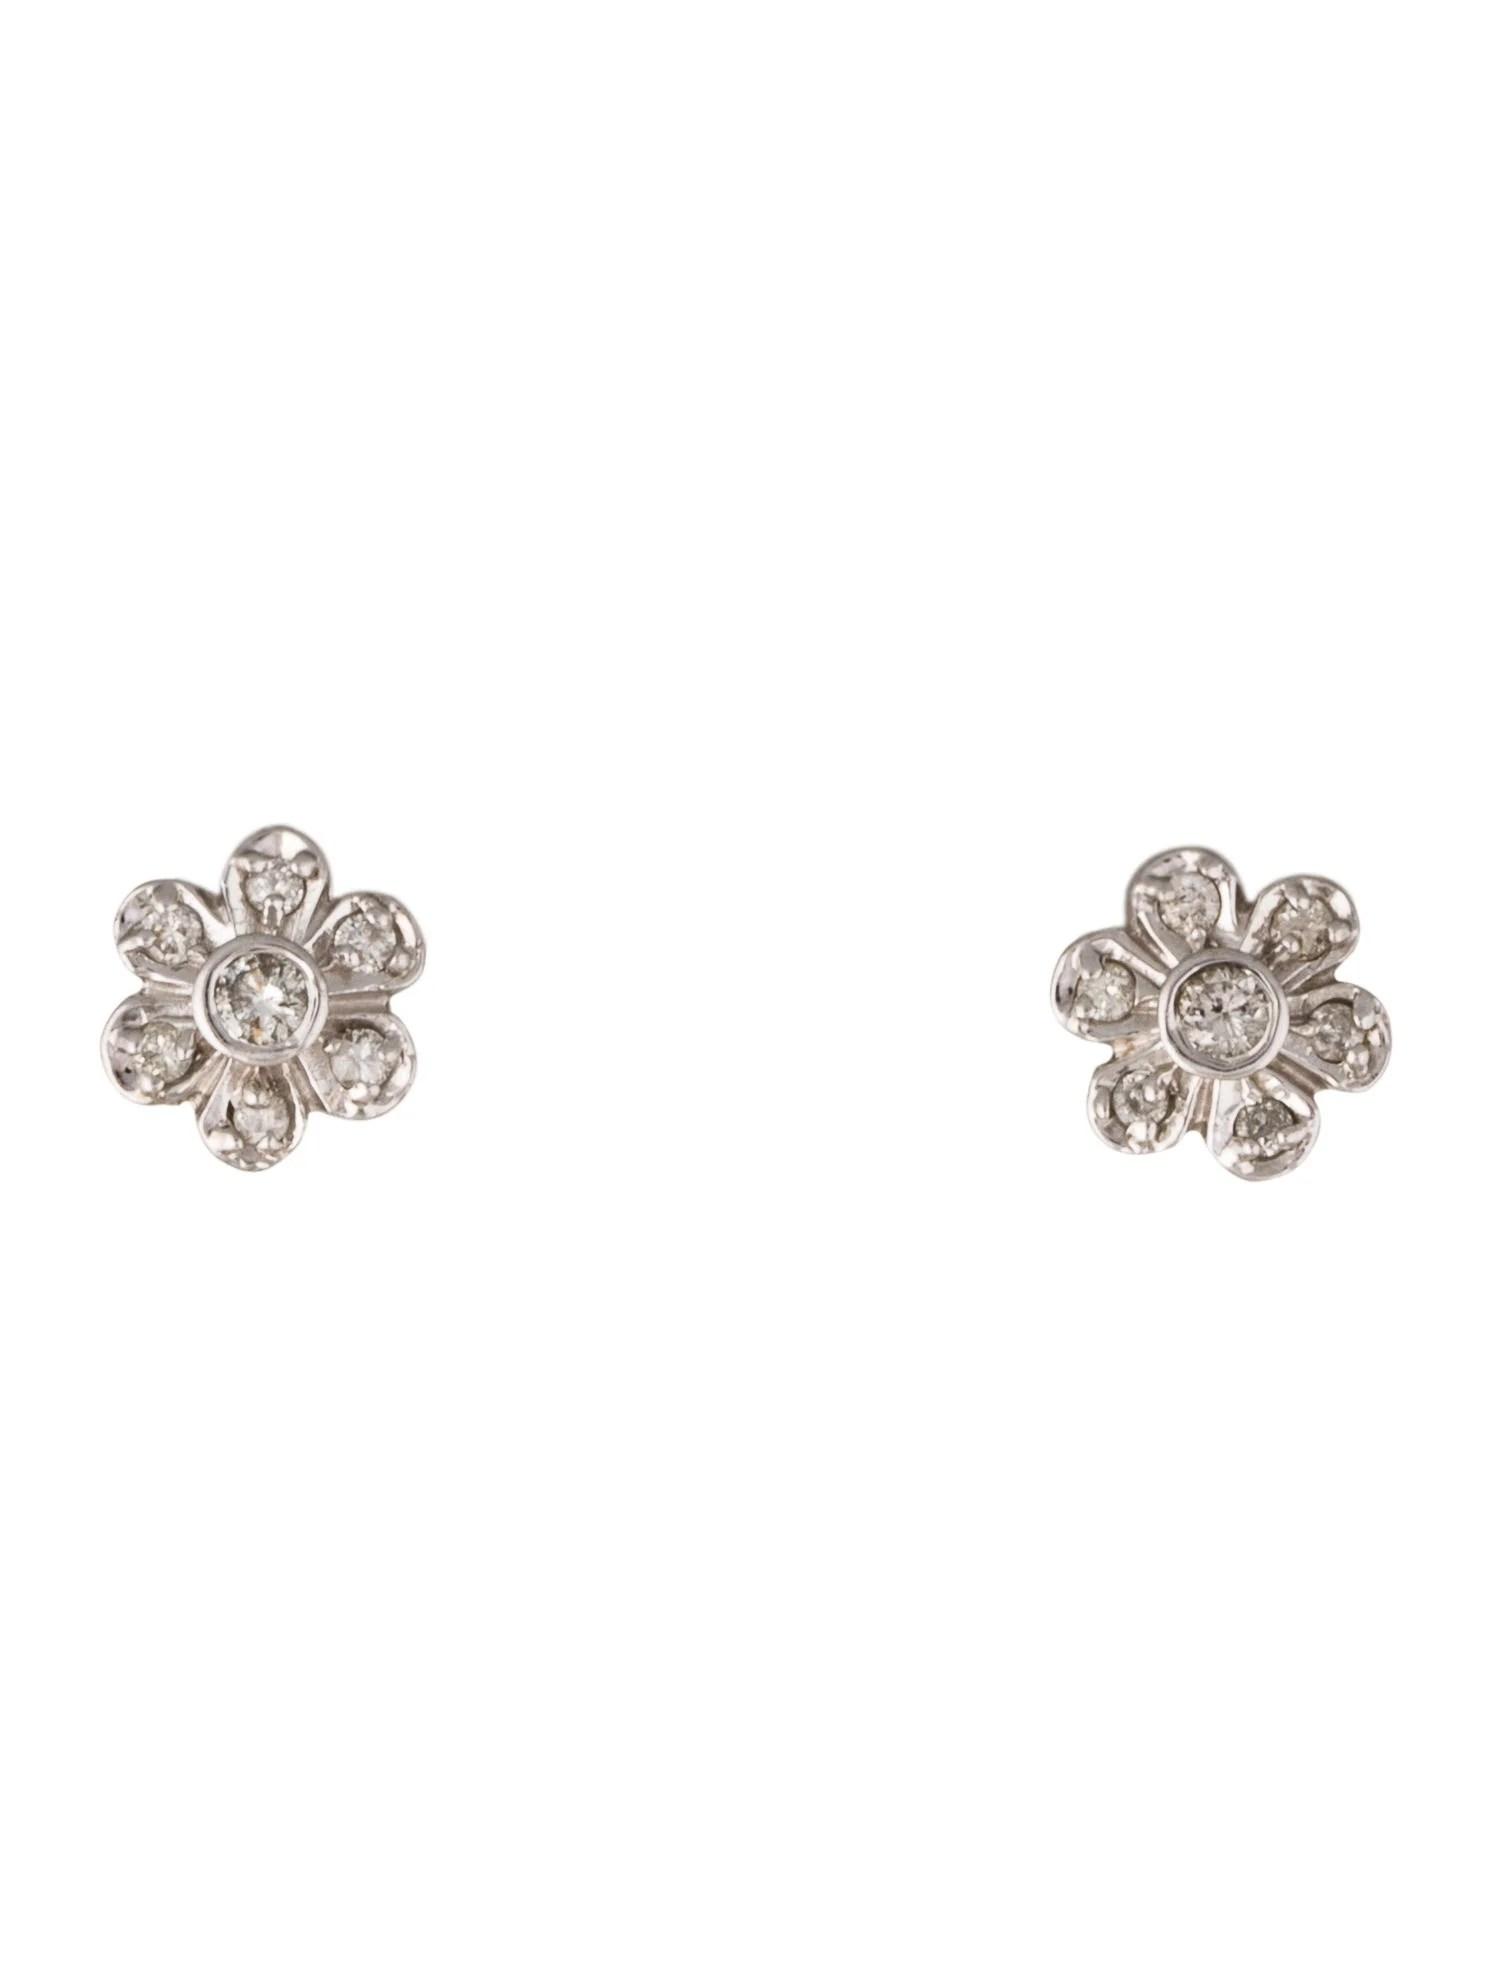 14K Diamond Flower Stud Earrings Earrings EARRI37389